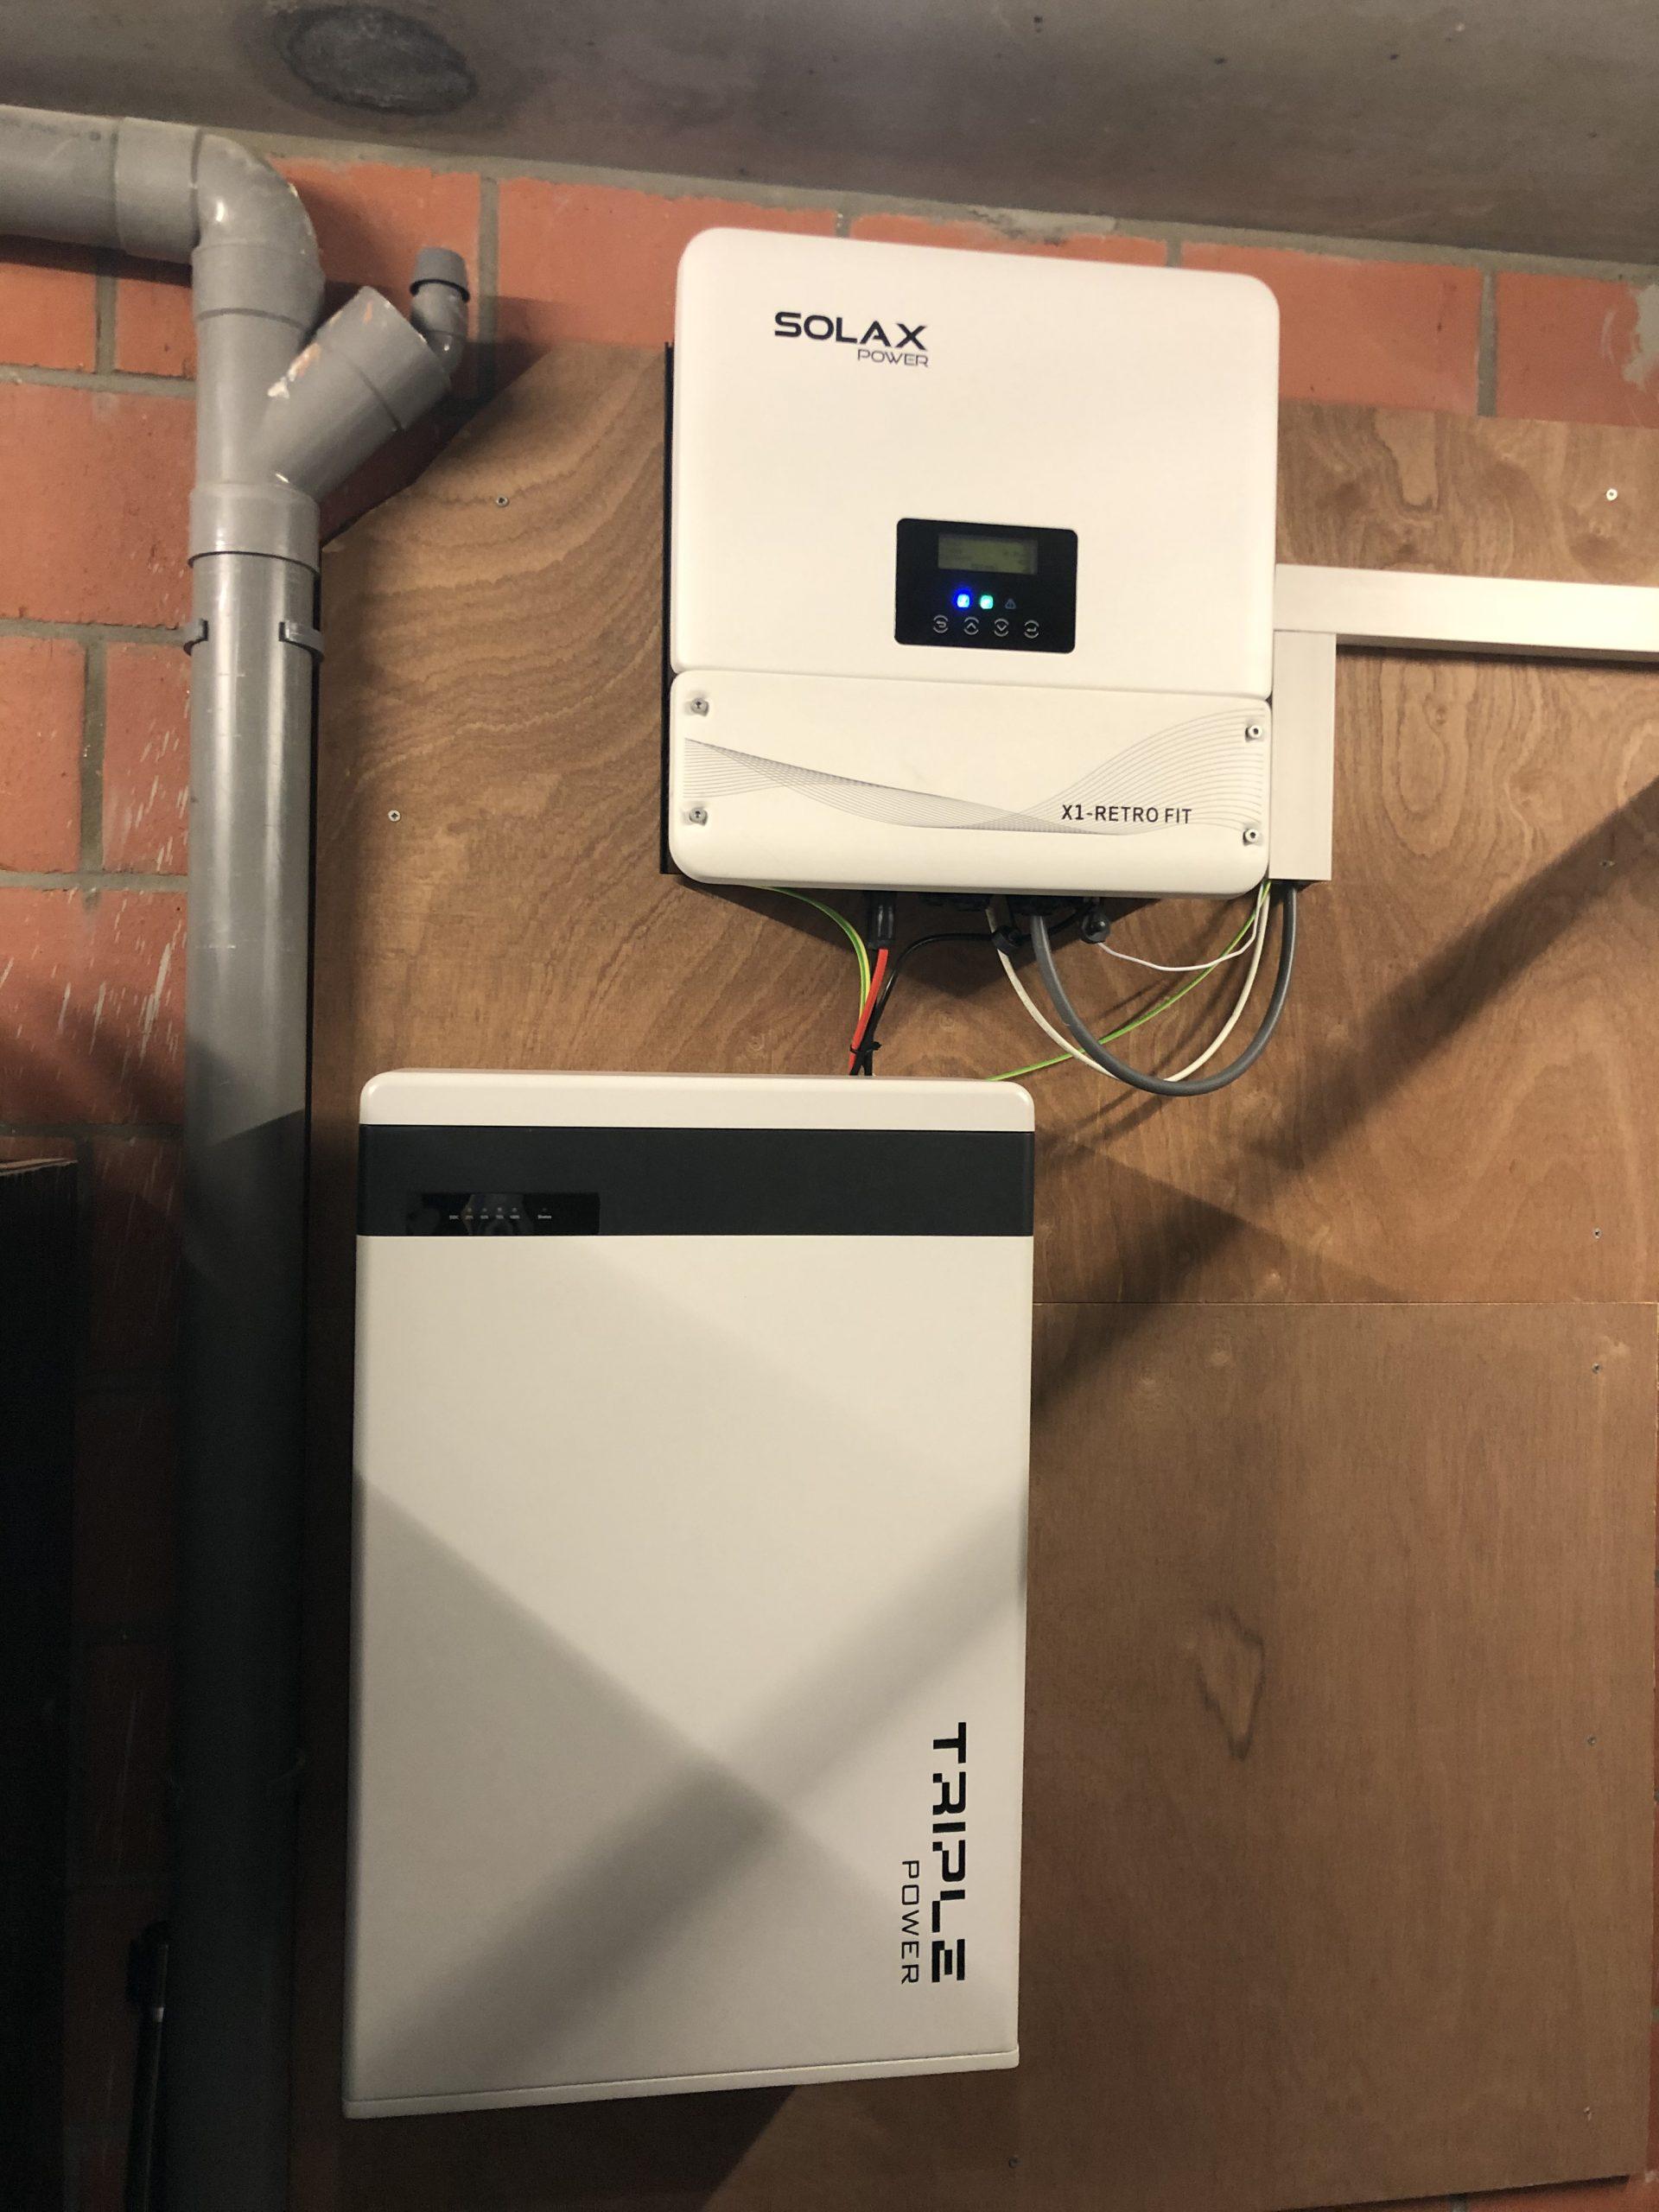 Thuisbatterij Adinkerke